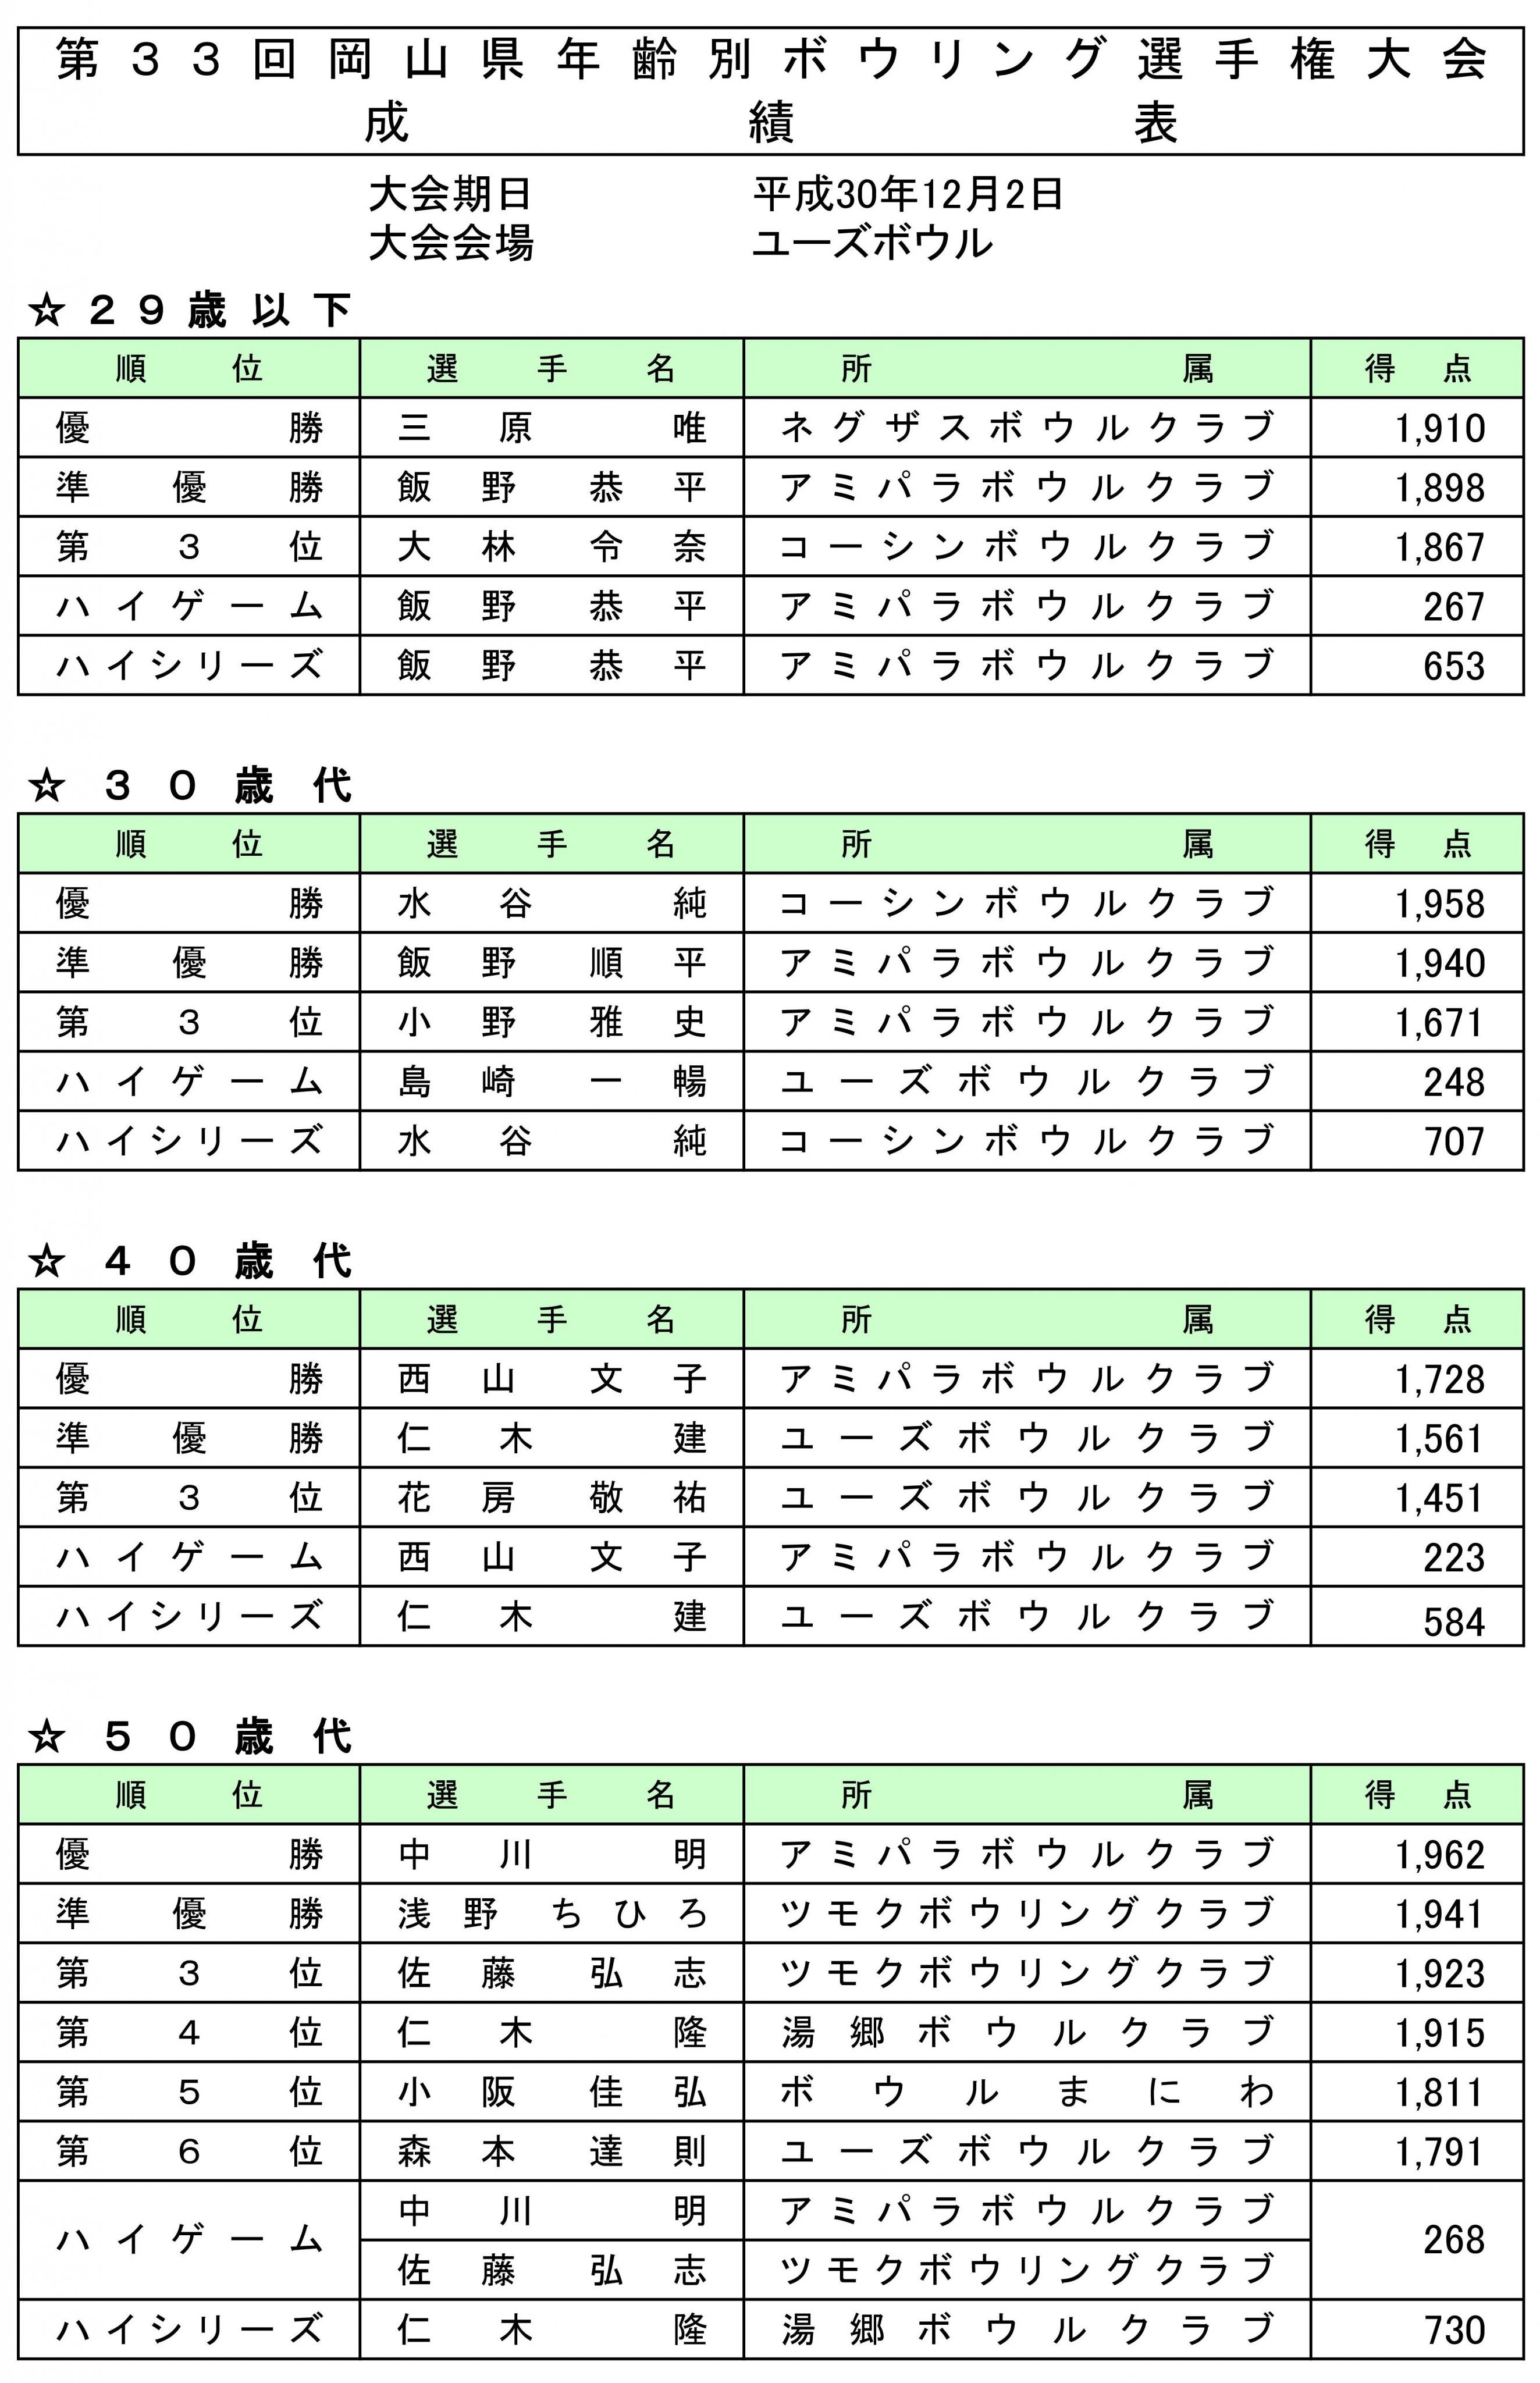 受付・レーン配当・成績記録-01.jpg